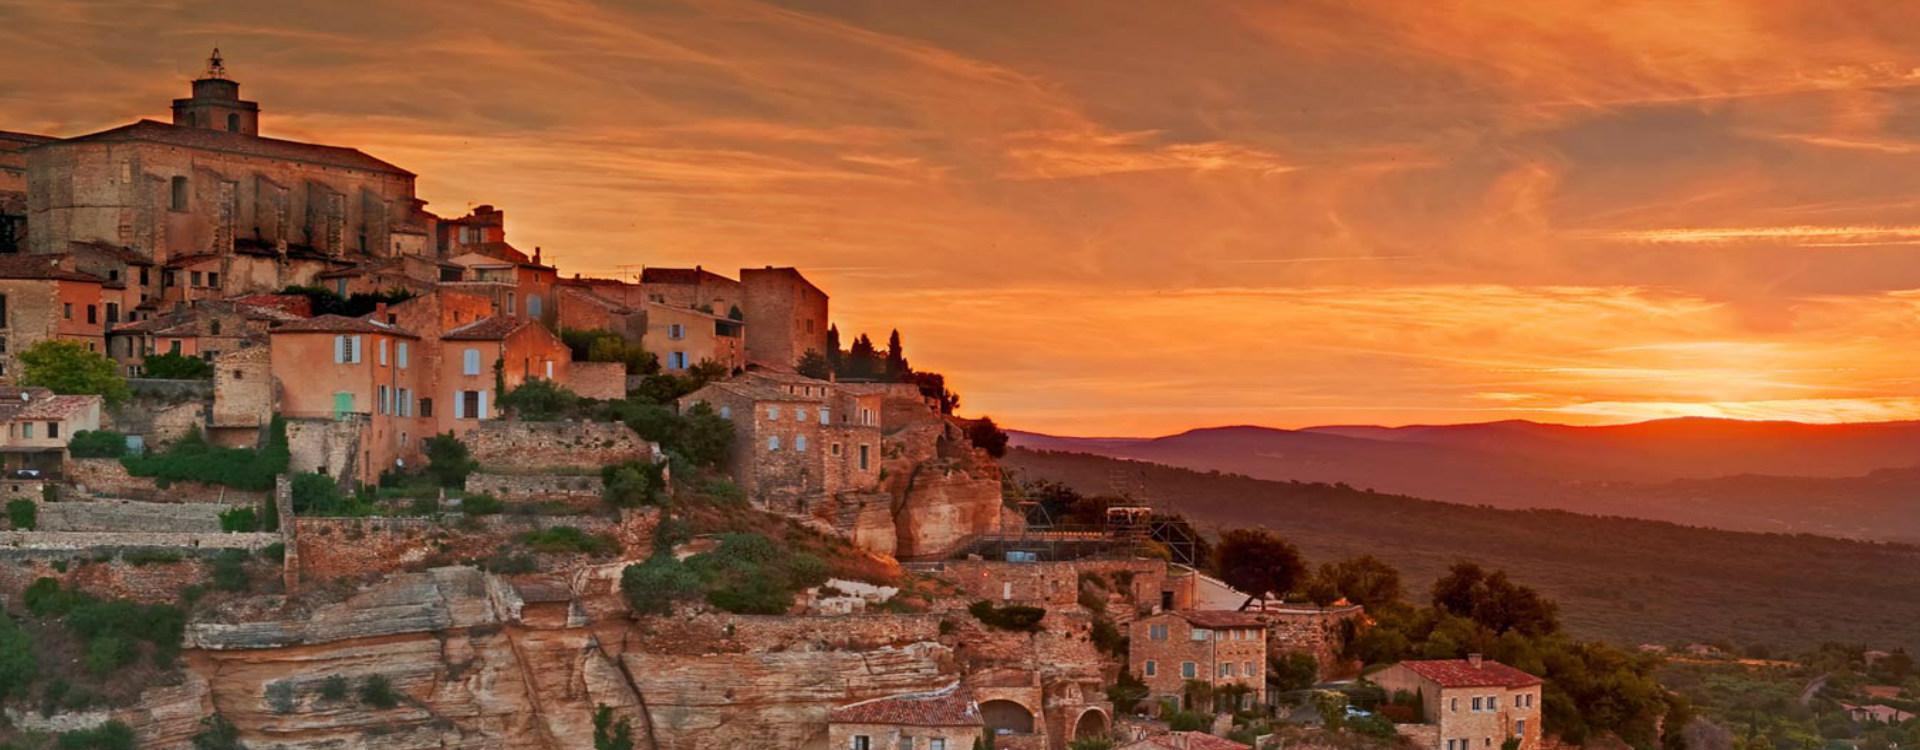 Excursiones Cruceros Aix en Provence – Tour Privado